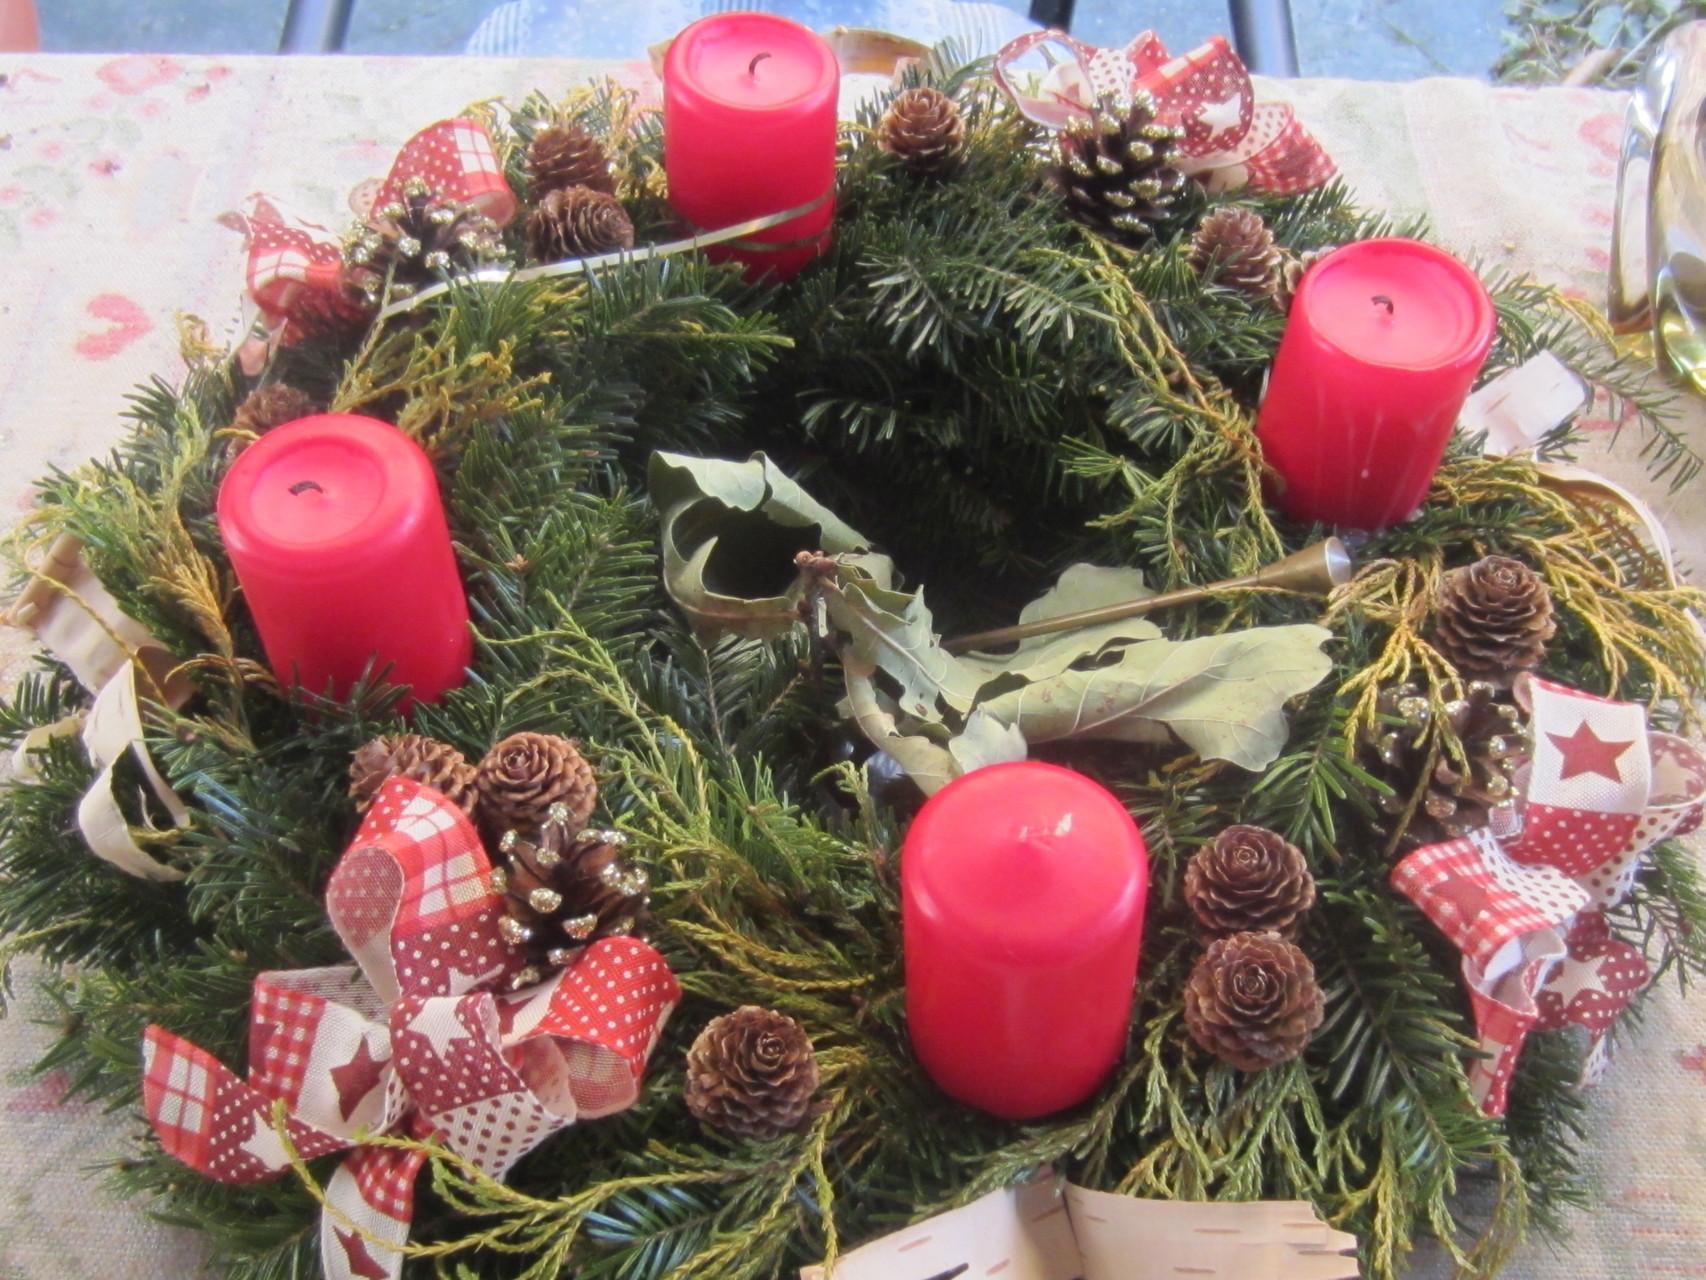 adventkranz 2015 - die farbe rot dominiert